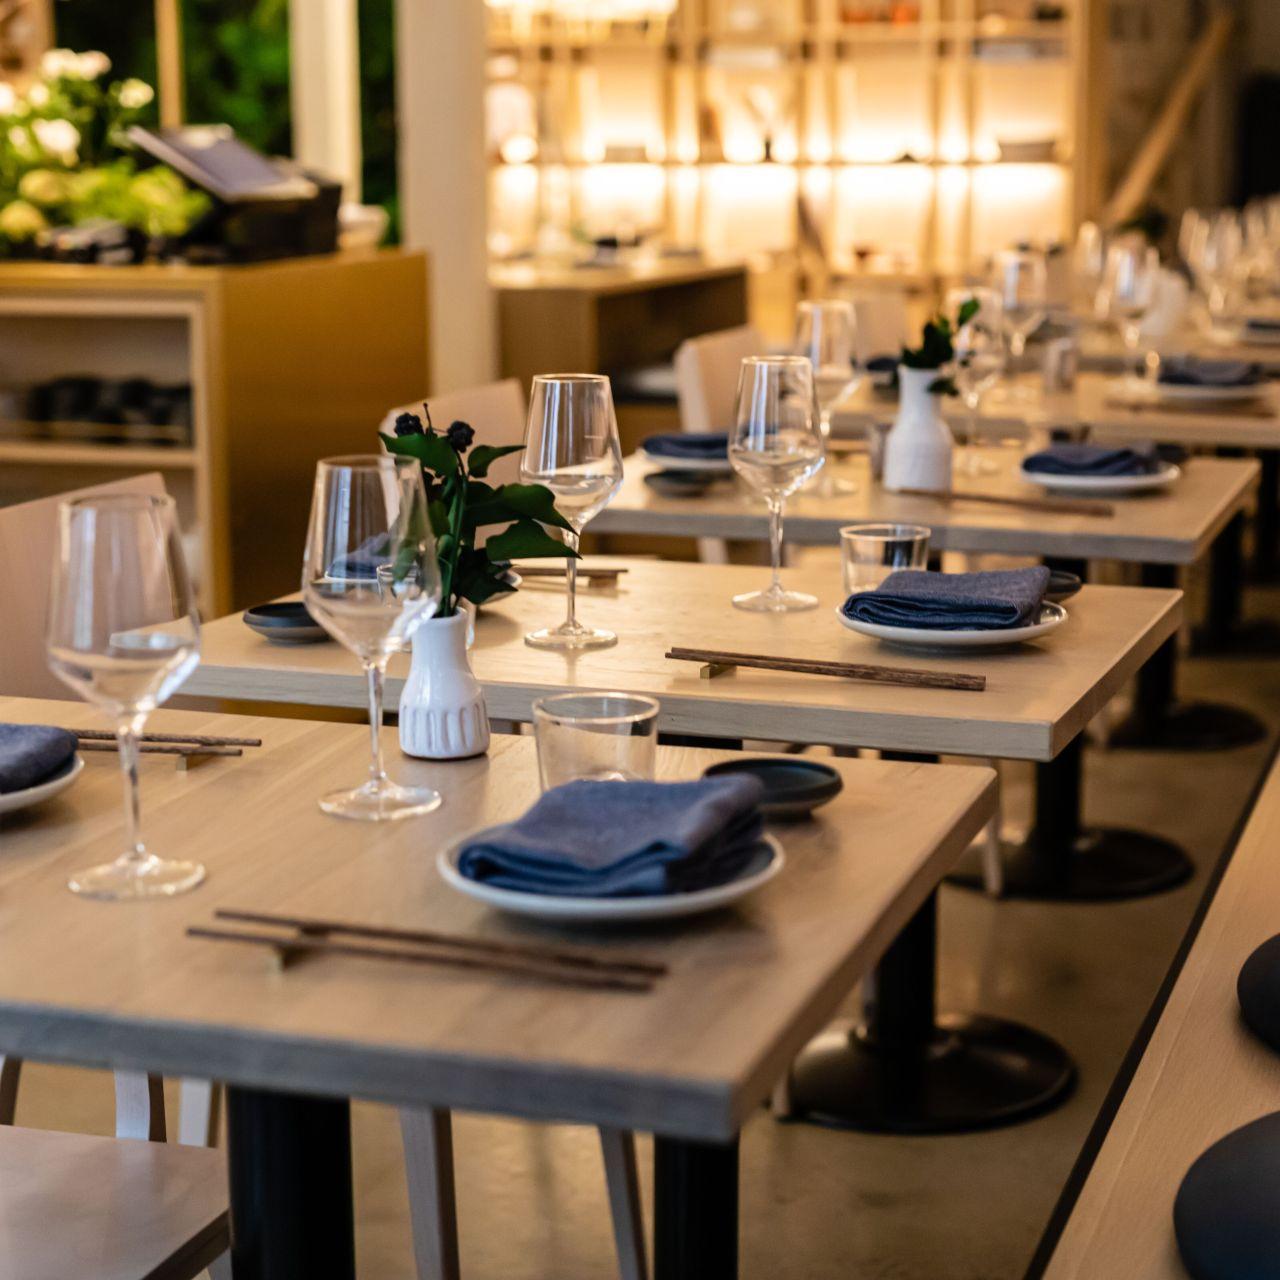 Bloom Sushi Restaurant - Montréal, QC   OpenTable